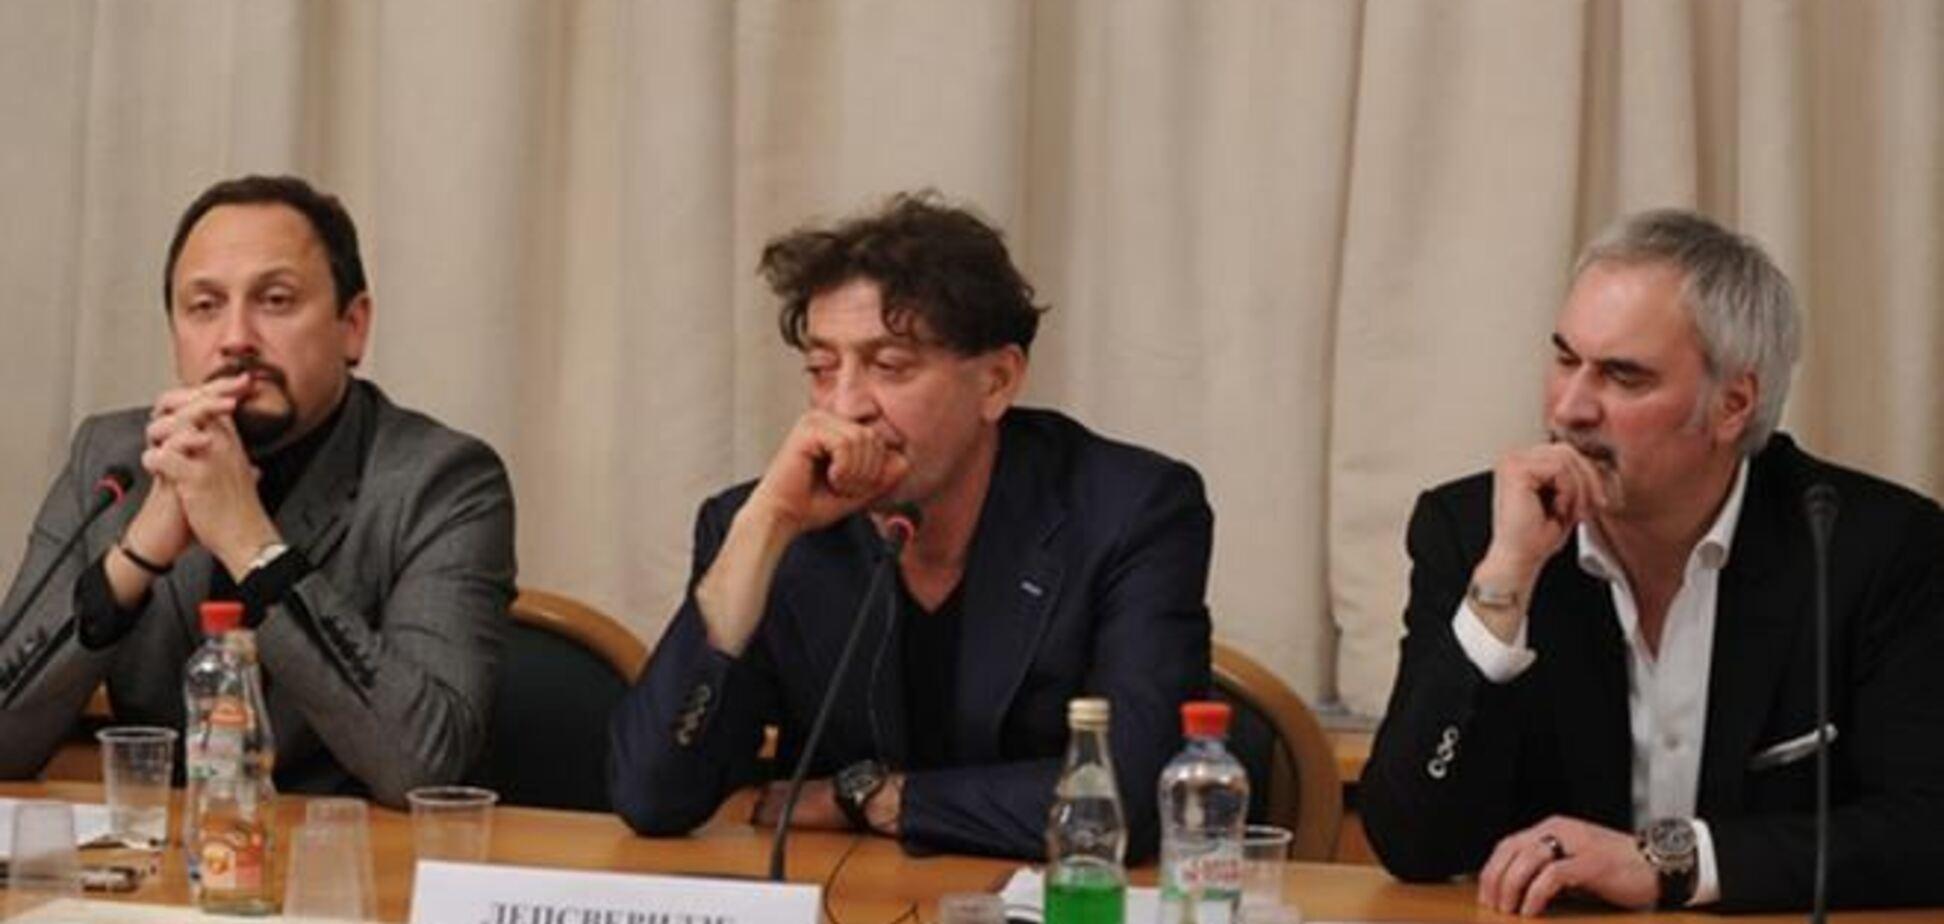 ЗМІ Росії влаштували цькування Лепса, Меладзе і Михайлова